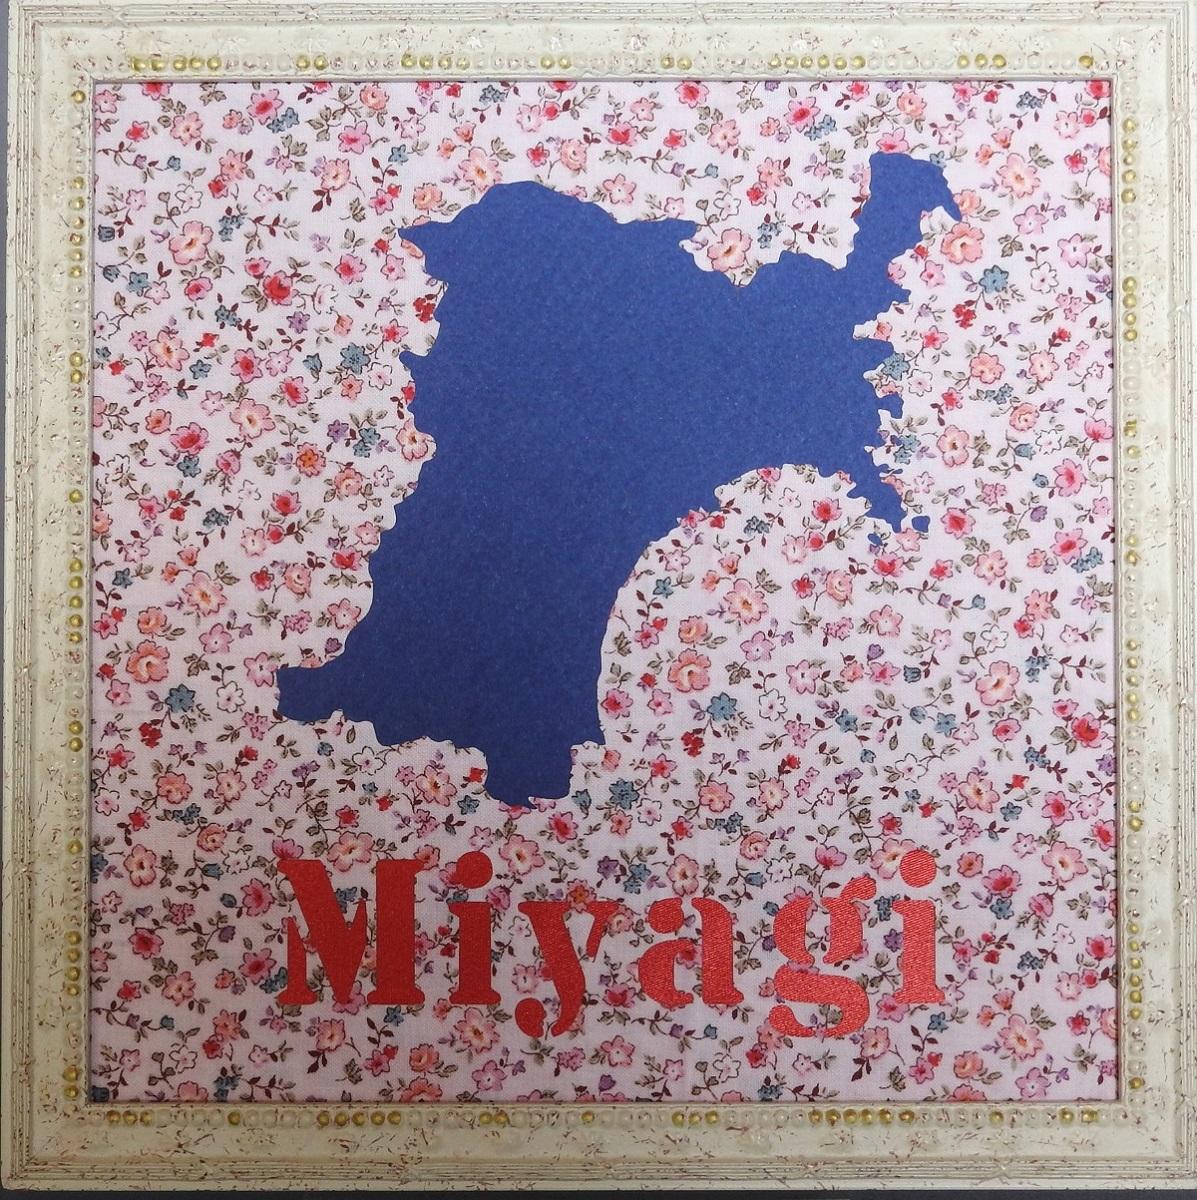 切り絵 インテリア フレーム宮城県の地図をモチーフにしたオリジナルの壁飾り220mmの正方形